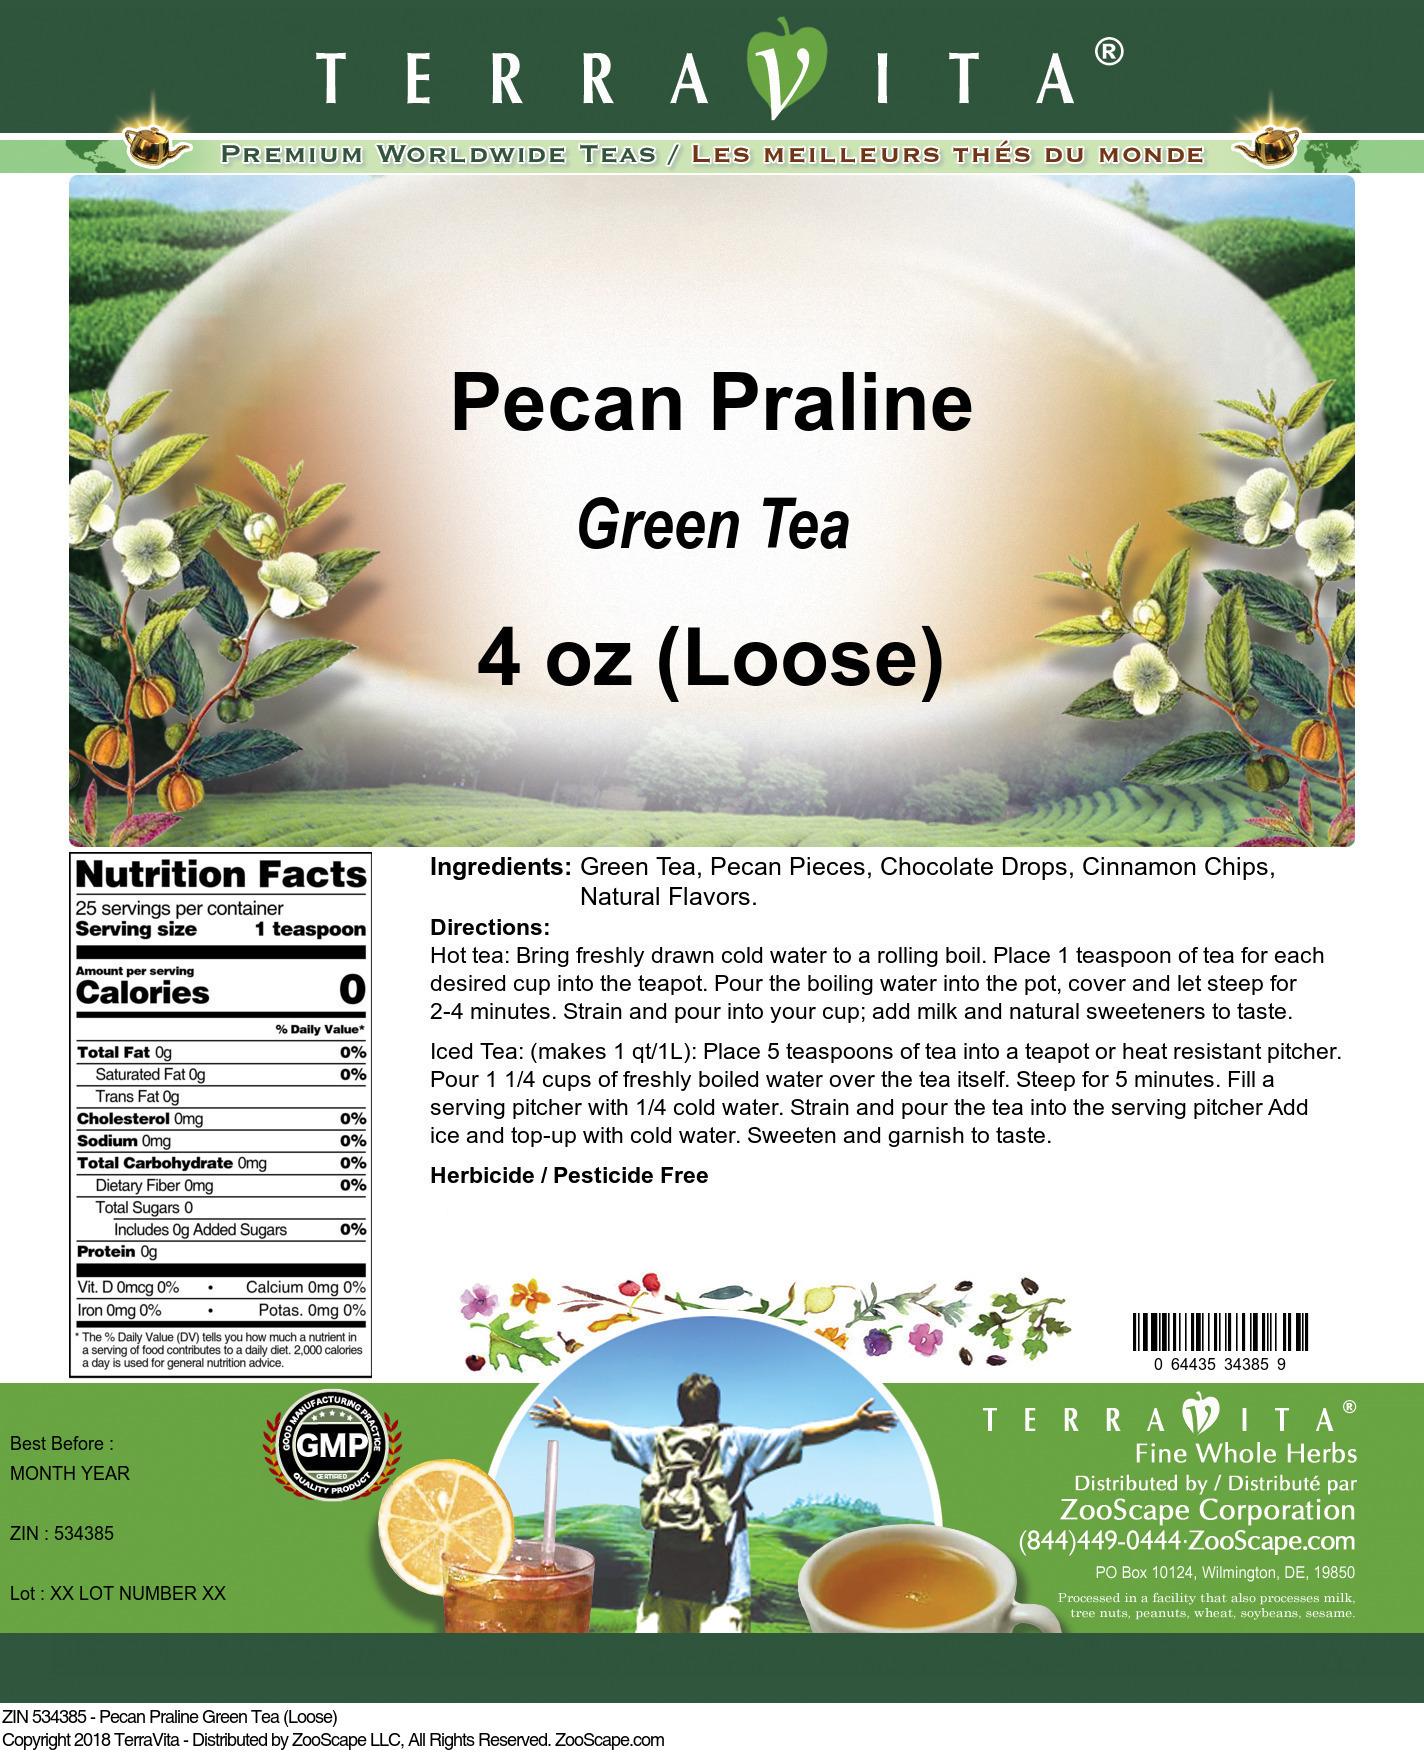 Pecan Praline Green Tea